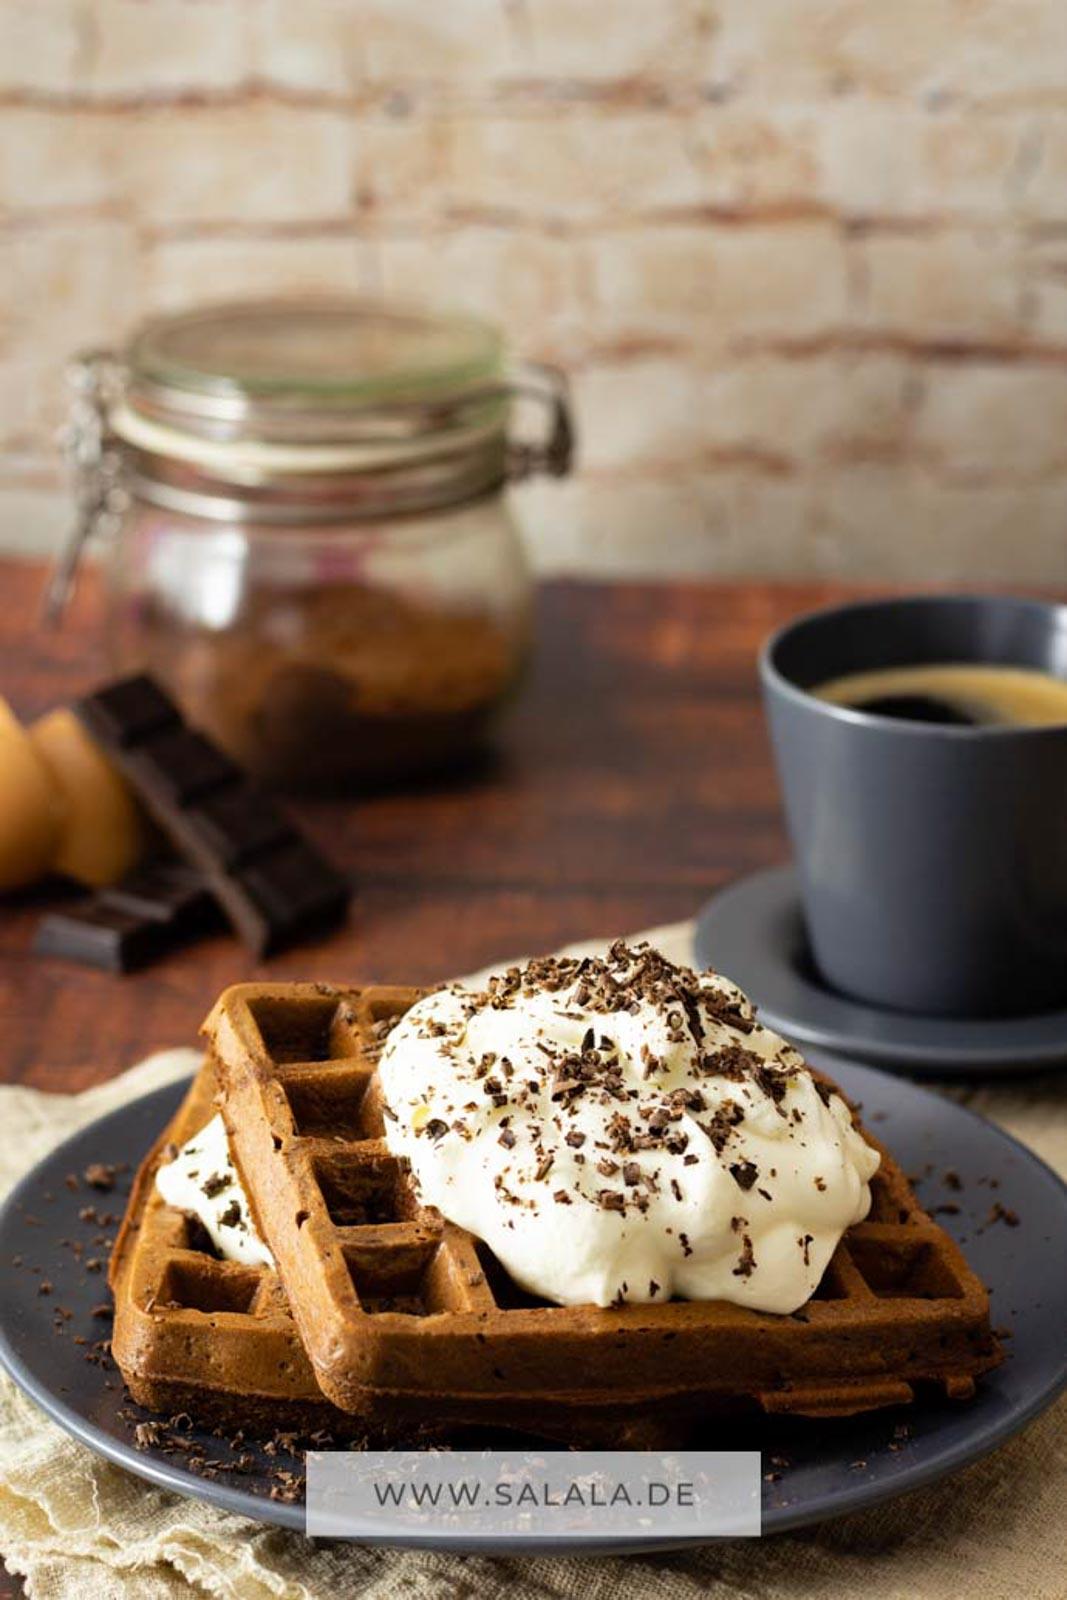 Chaffle geht nicht nur in herzhaft. Die Keto Käsewaffel kannst du auch in süß und mit Schokolade machen. Schoko Chaffle. Voll lecker und mit Sahne dann auch noch extrem sättigend. Du brauchst ein Rezept? Bitteschön, kannste haben :). #chaffle #chafflerezept #kaesewaffel #ketowaffel #lowcarbwaffel #waffelohnemehl #suessewaffel